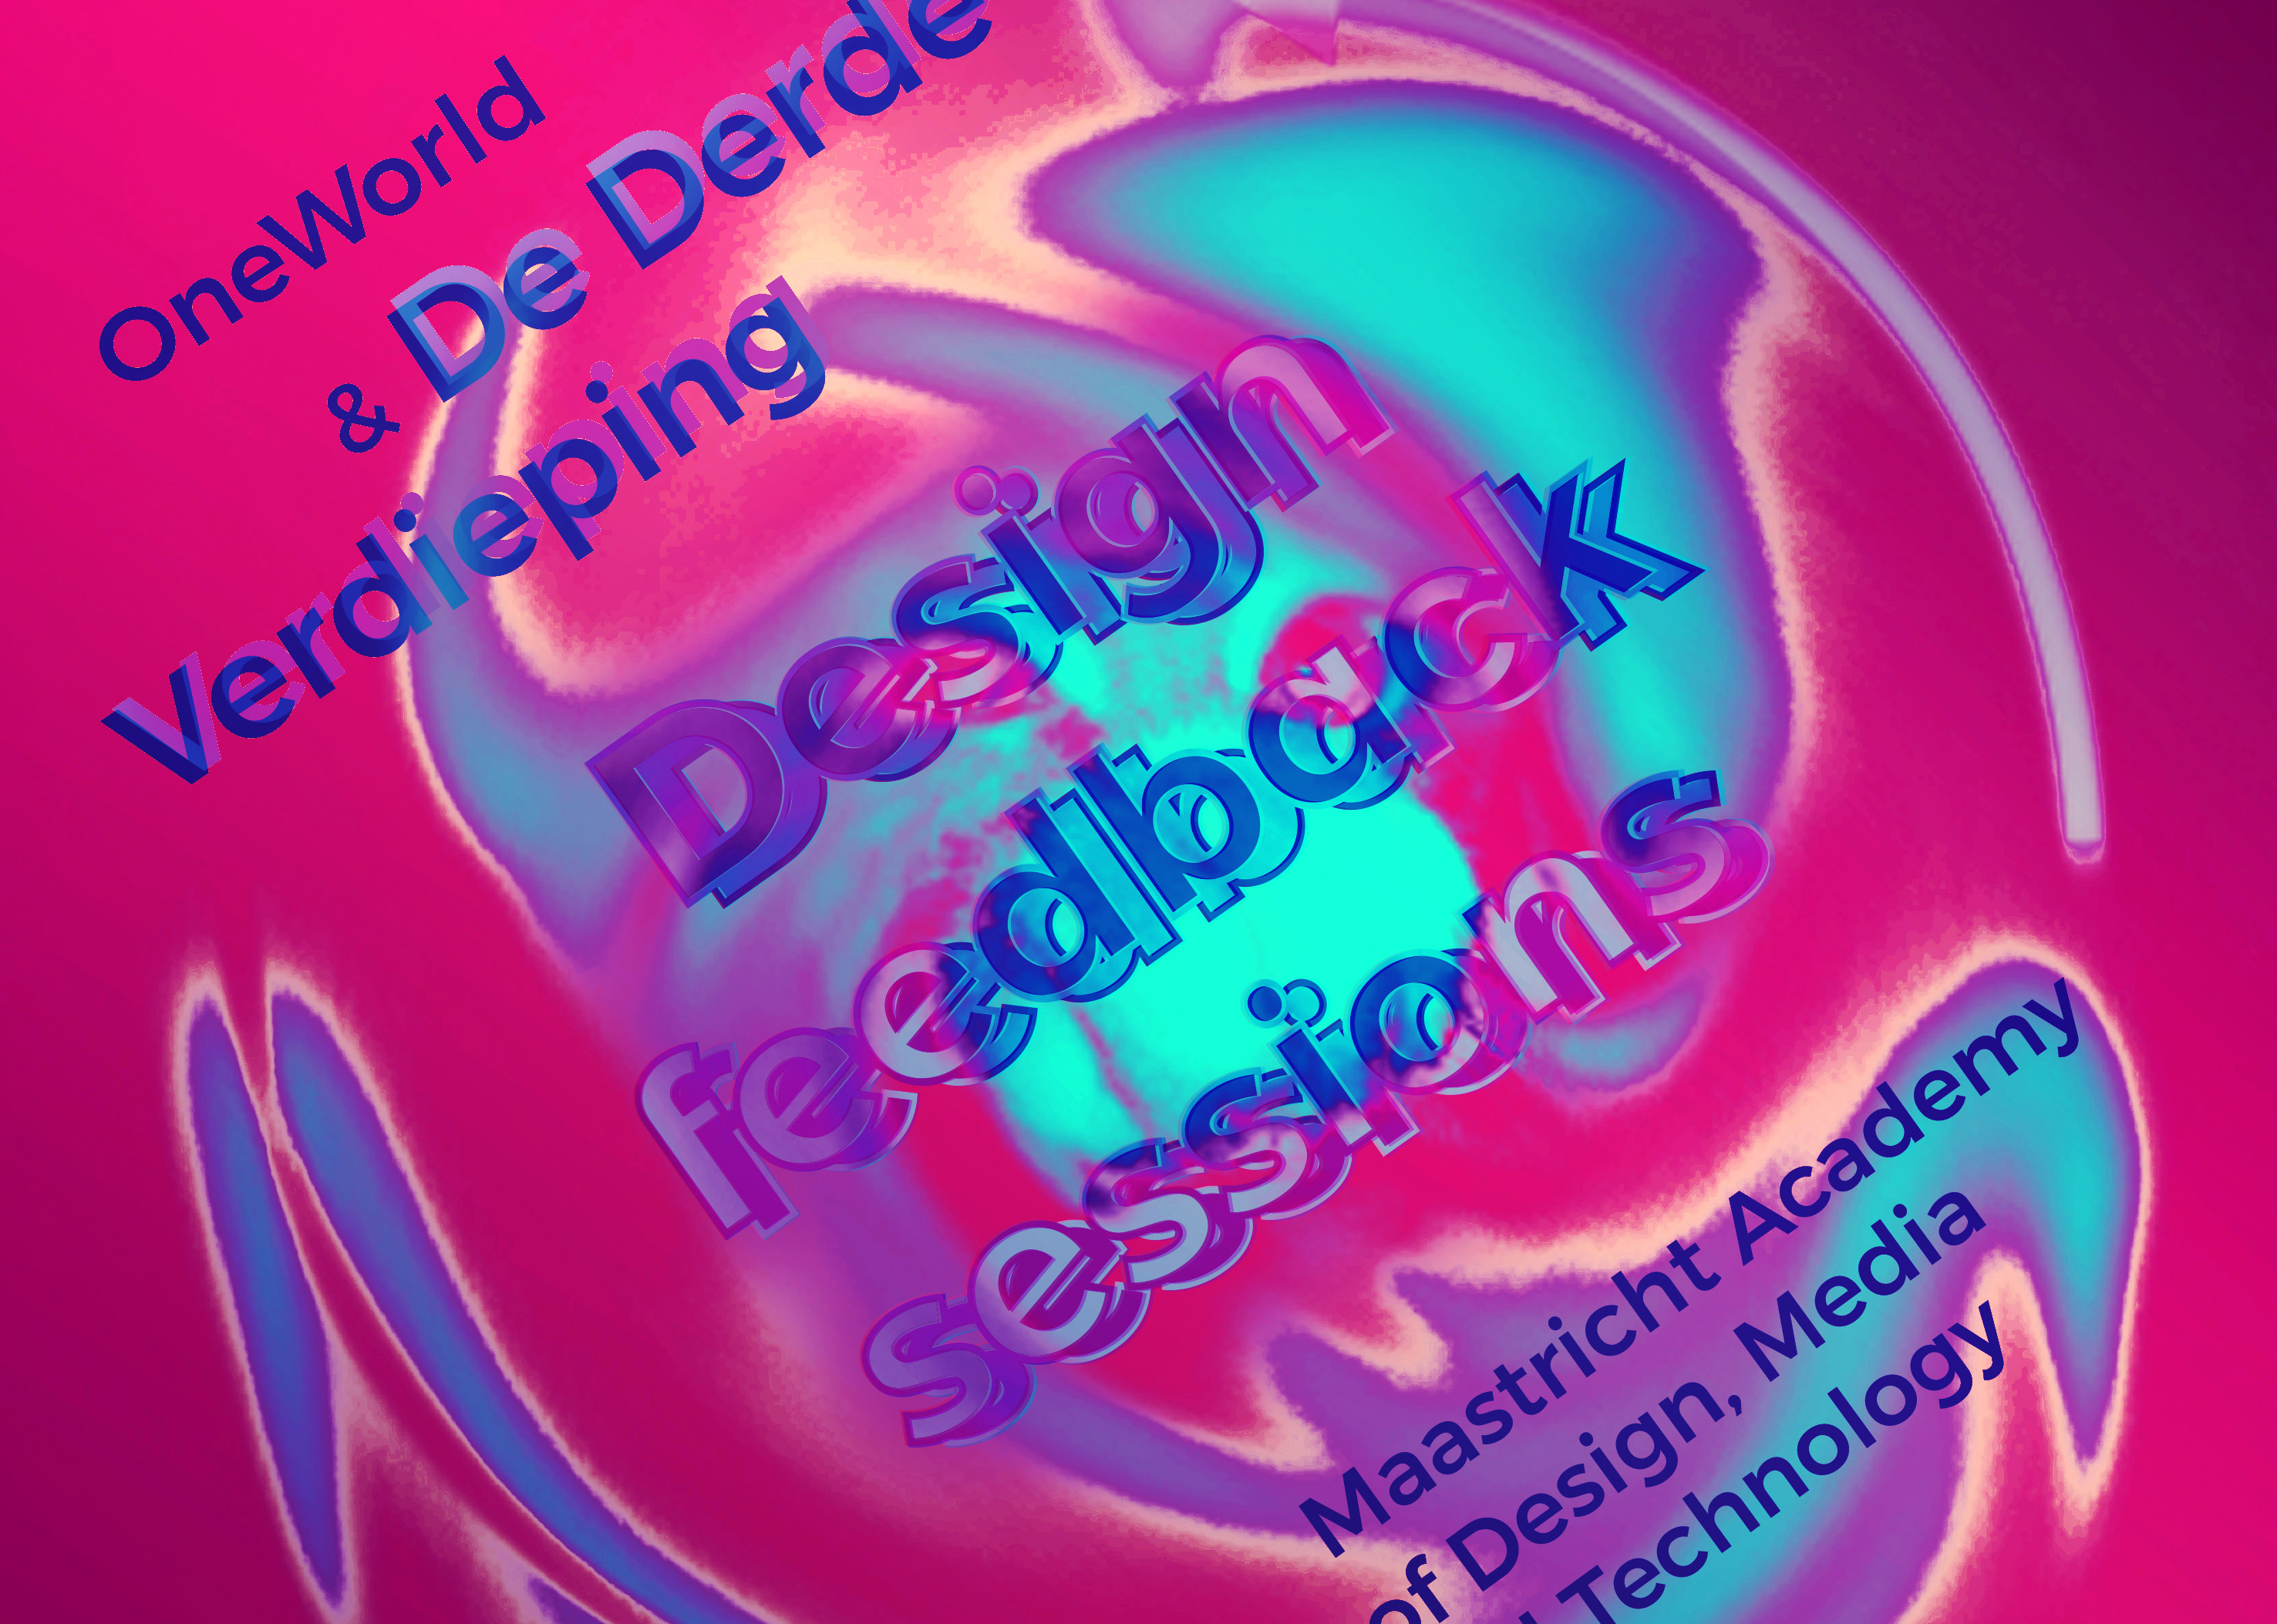 DFS2_posters_bigposterB2_cut